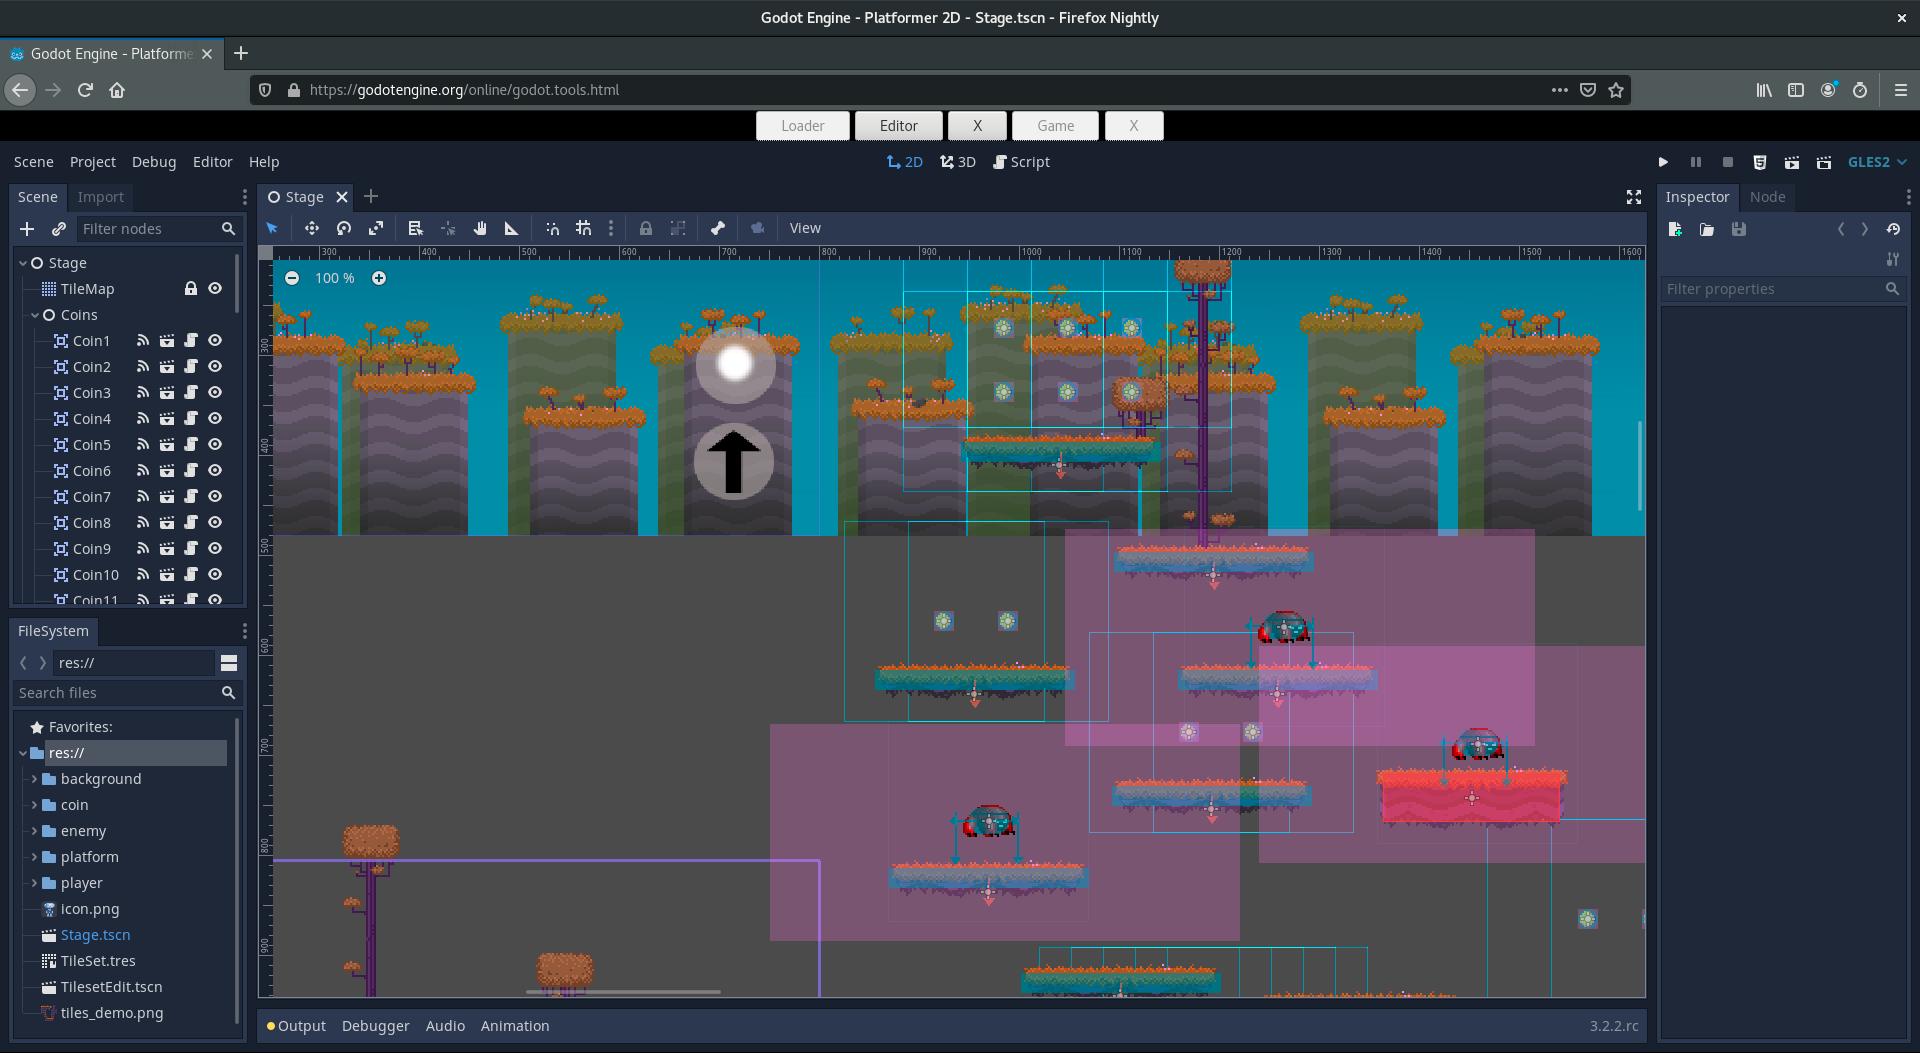 Среда проектирования игр Godot адаптирована для работы в web-браузере